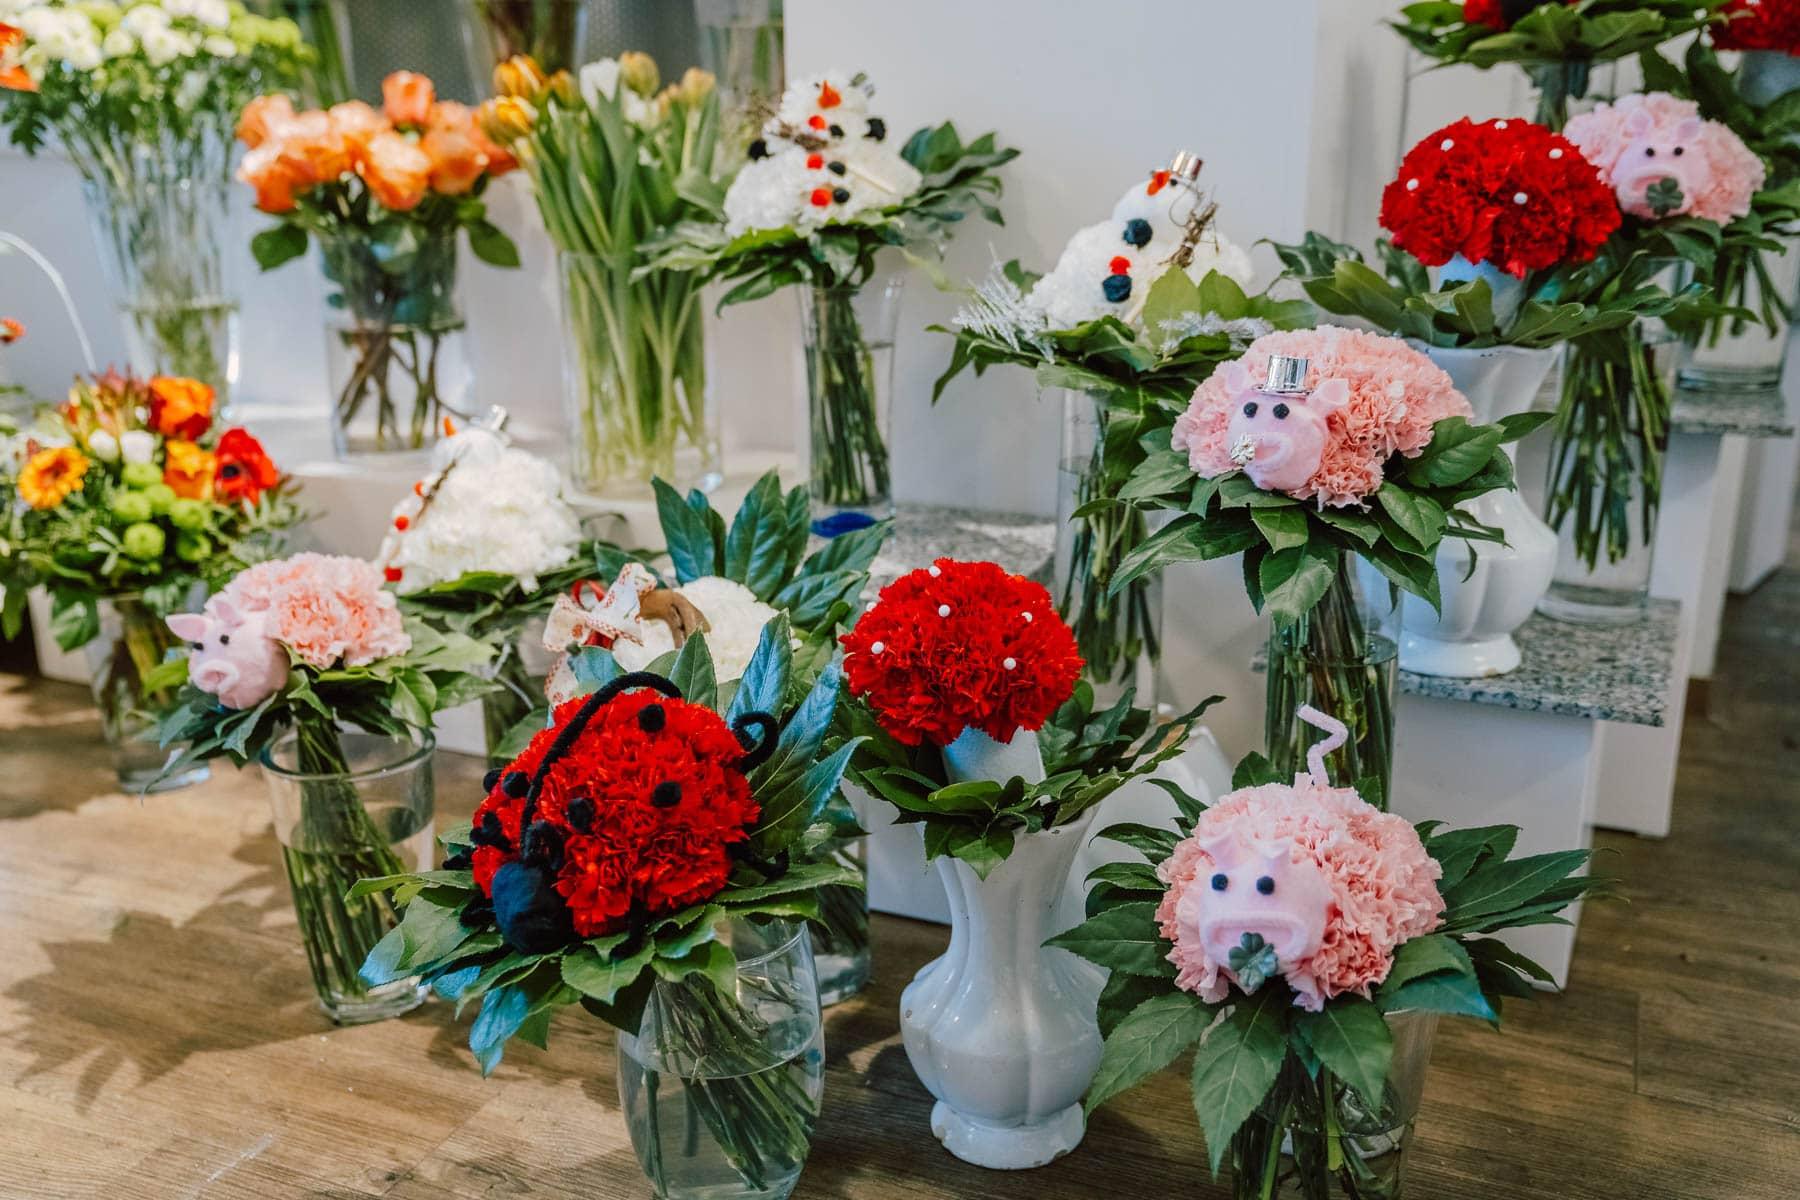 Blumen-Gaby-Strohmeier-Dez19-1